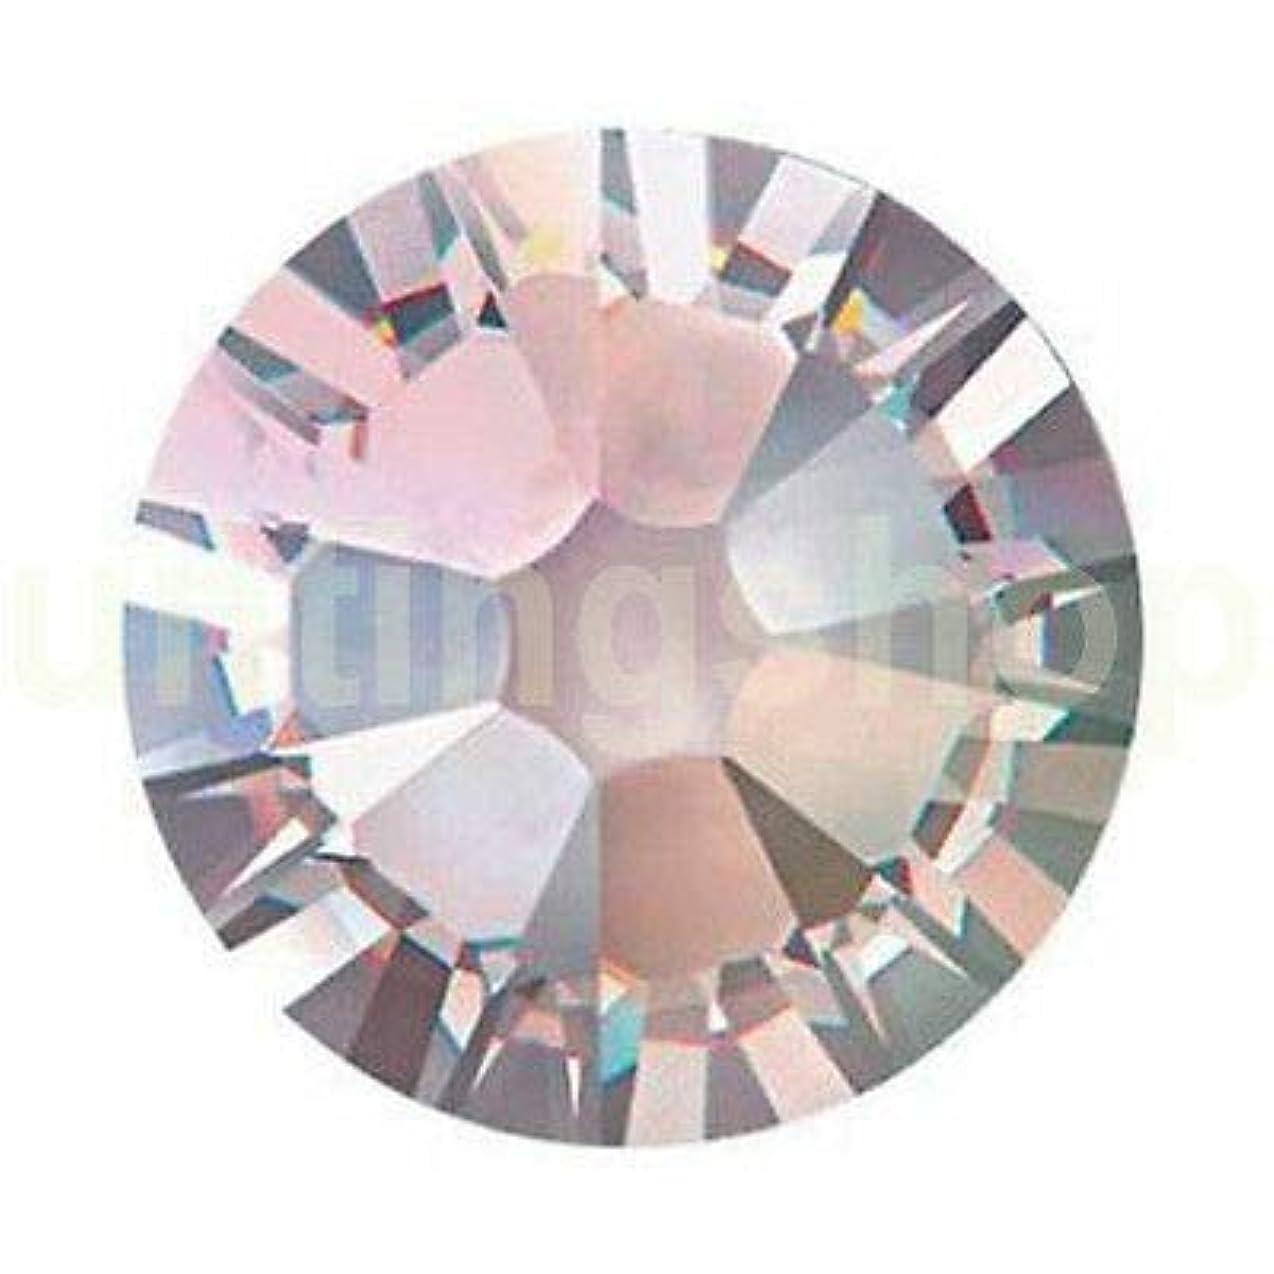 ダイヤル実業家膜FidgetGear DIY 1.3-8.5 mmクリスタルヒラタラインストーンネイルアートデコレーションSS3-SS40 クリスタルAB